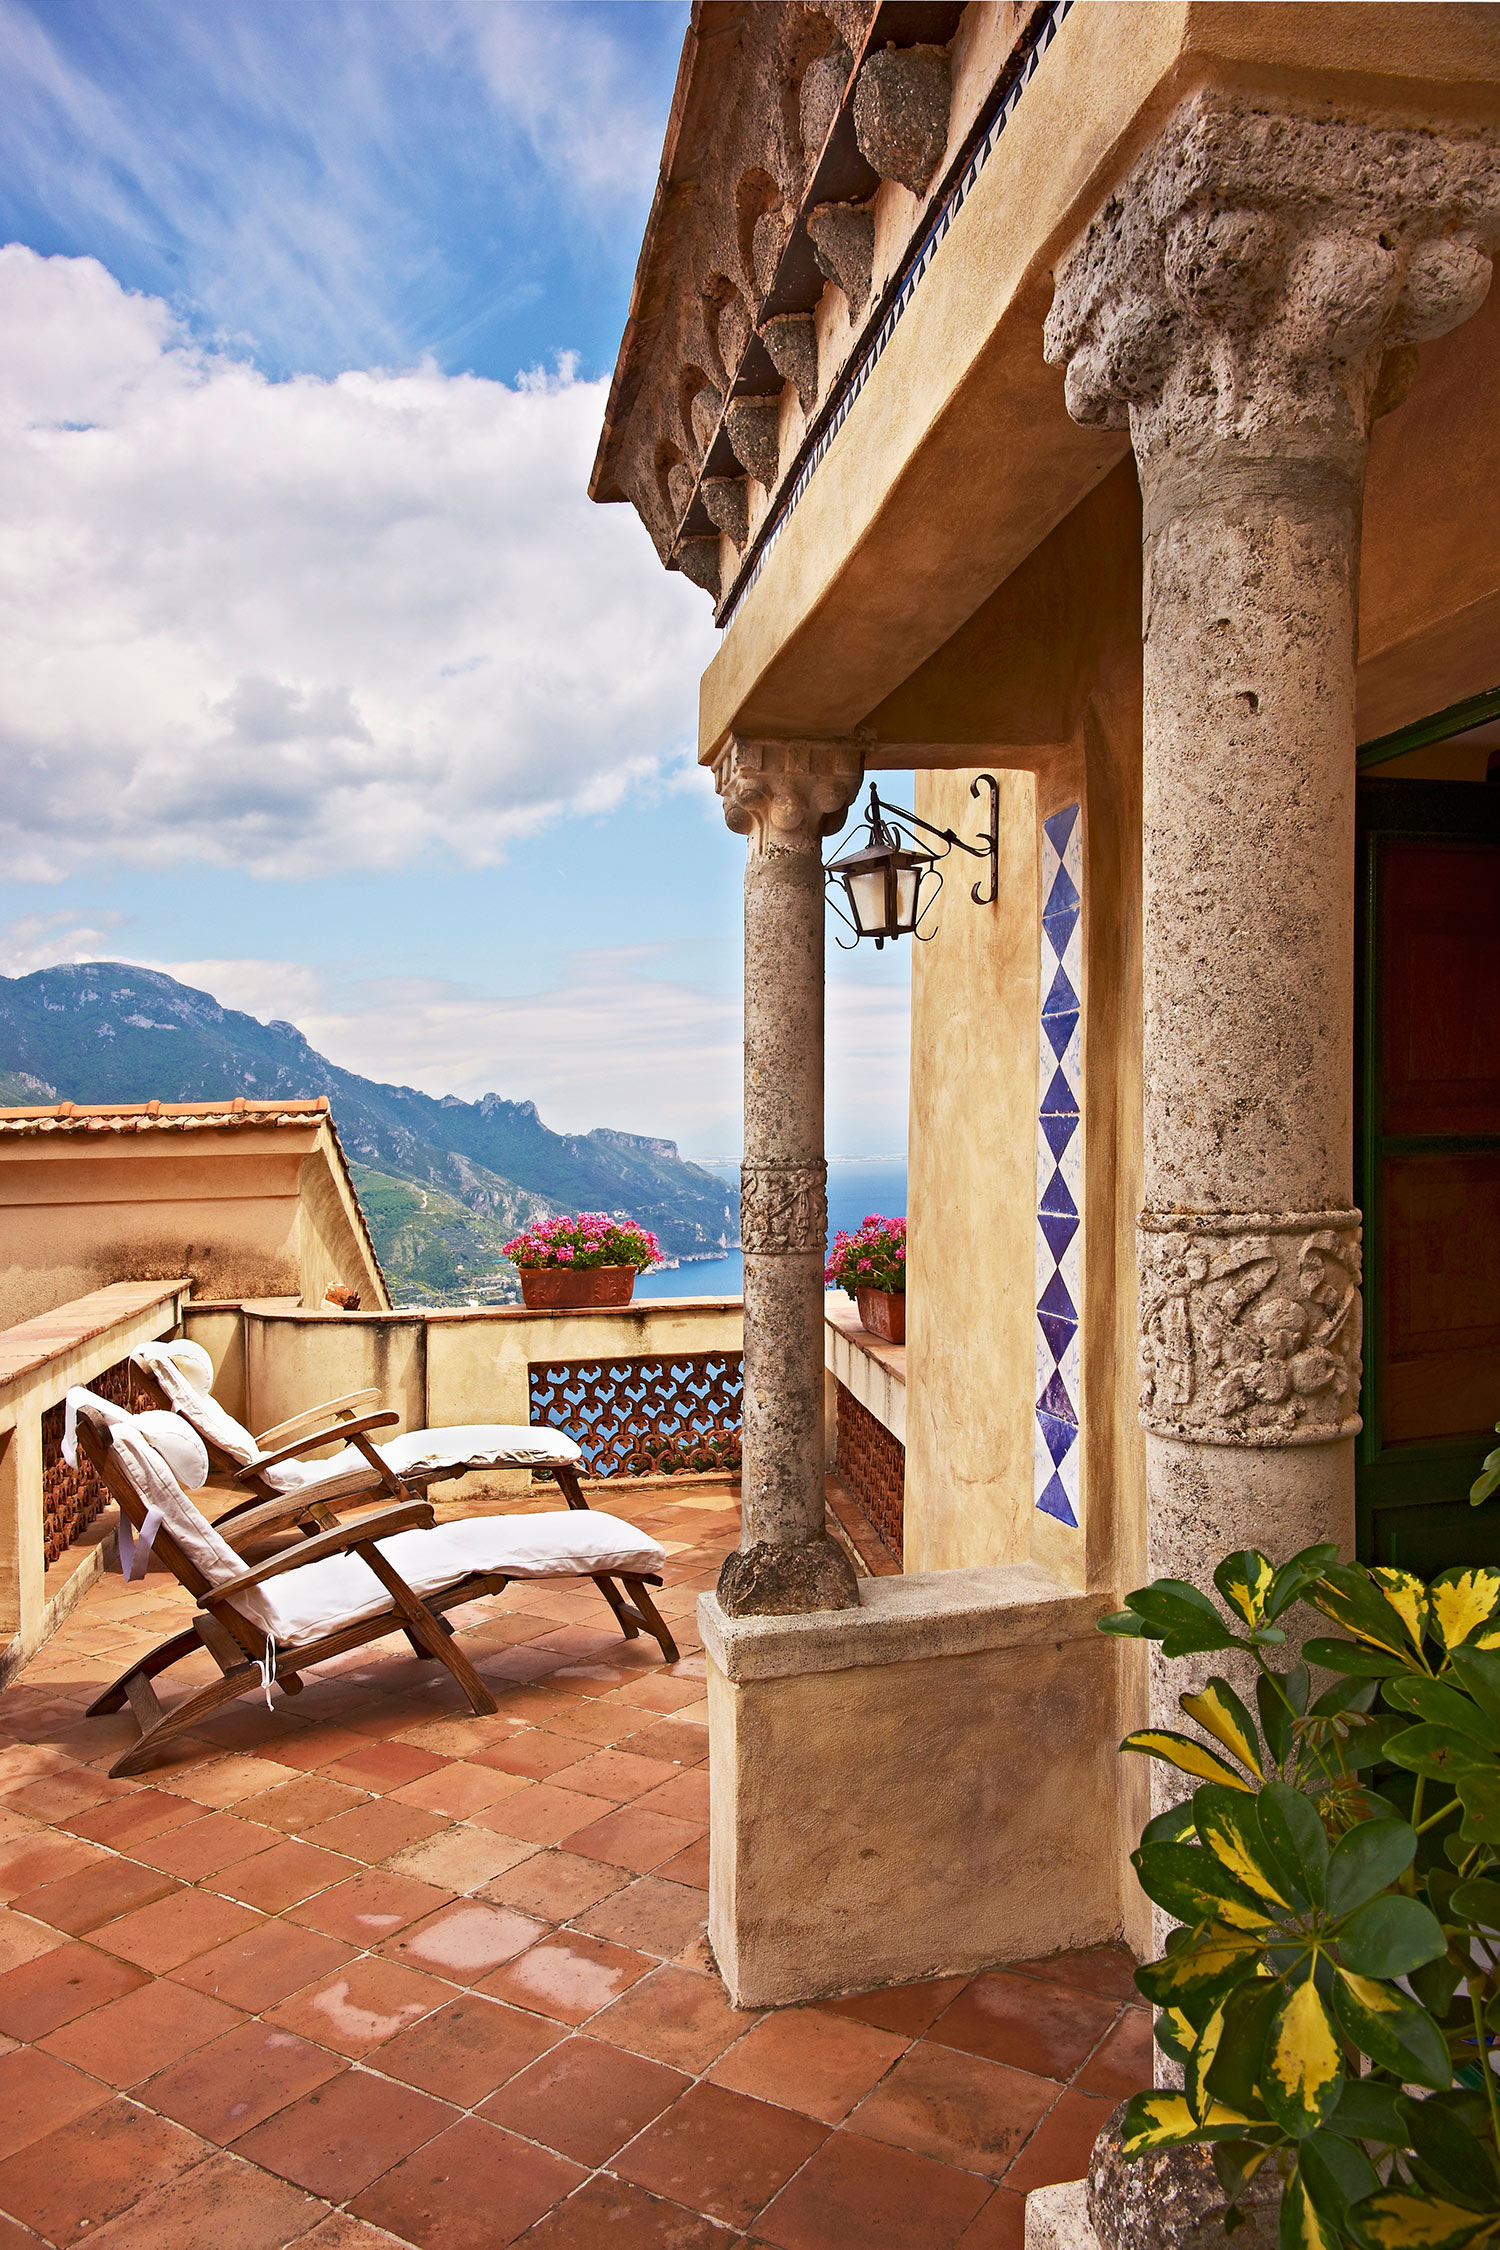 Stile mediterraneo mosaici e maioliche westwing magazine for Piani di casa artigiana con seminterrato di sciopero